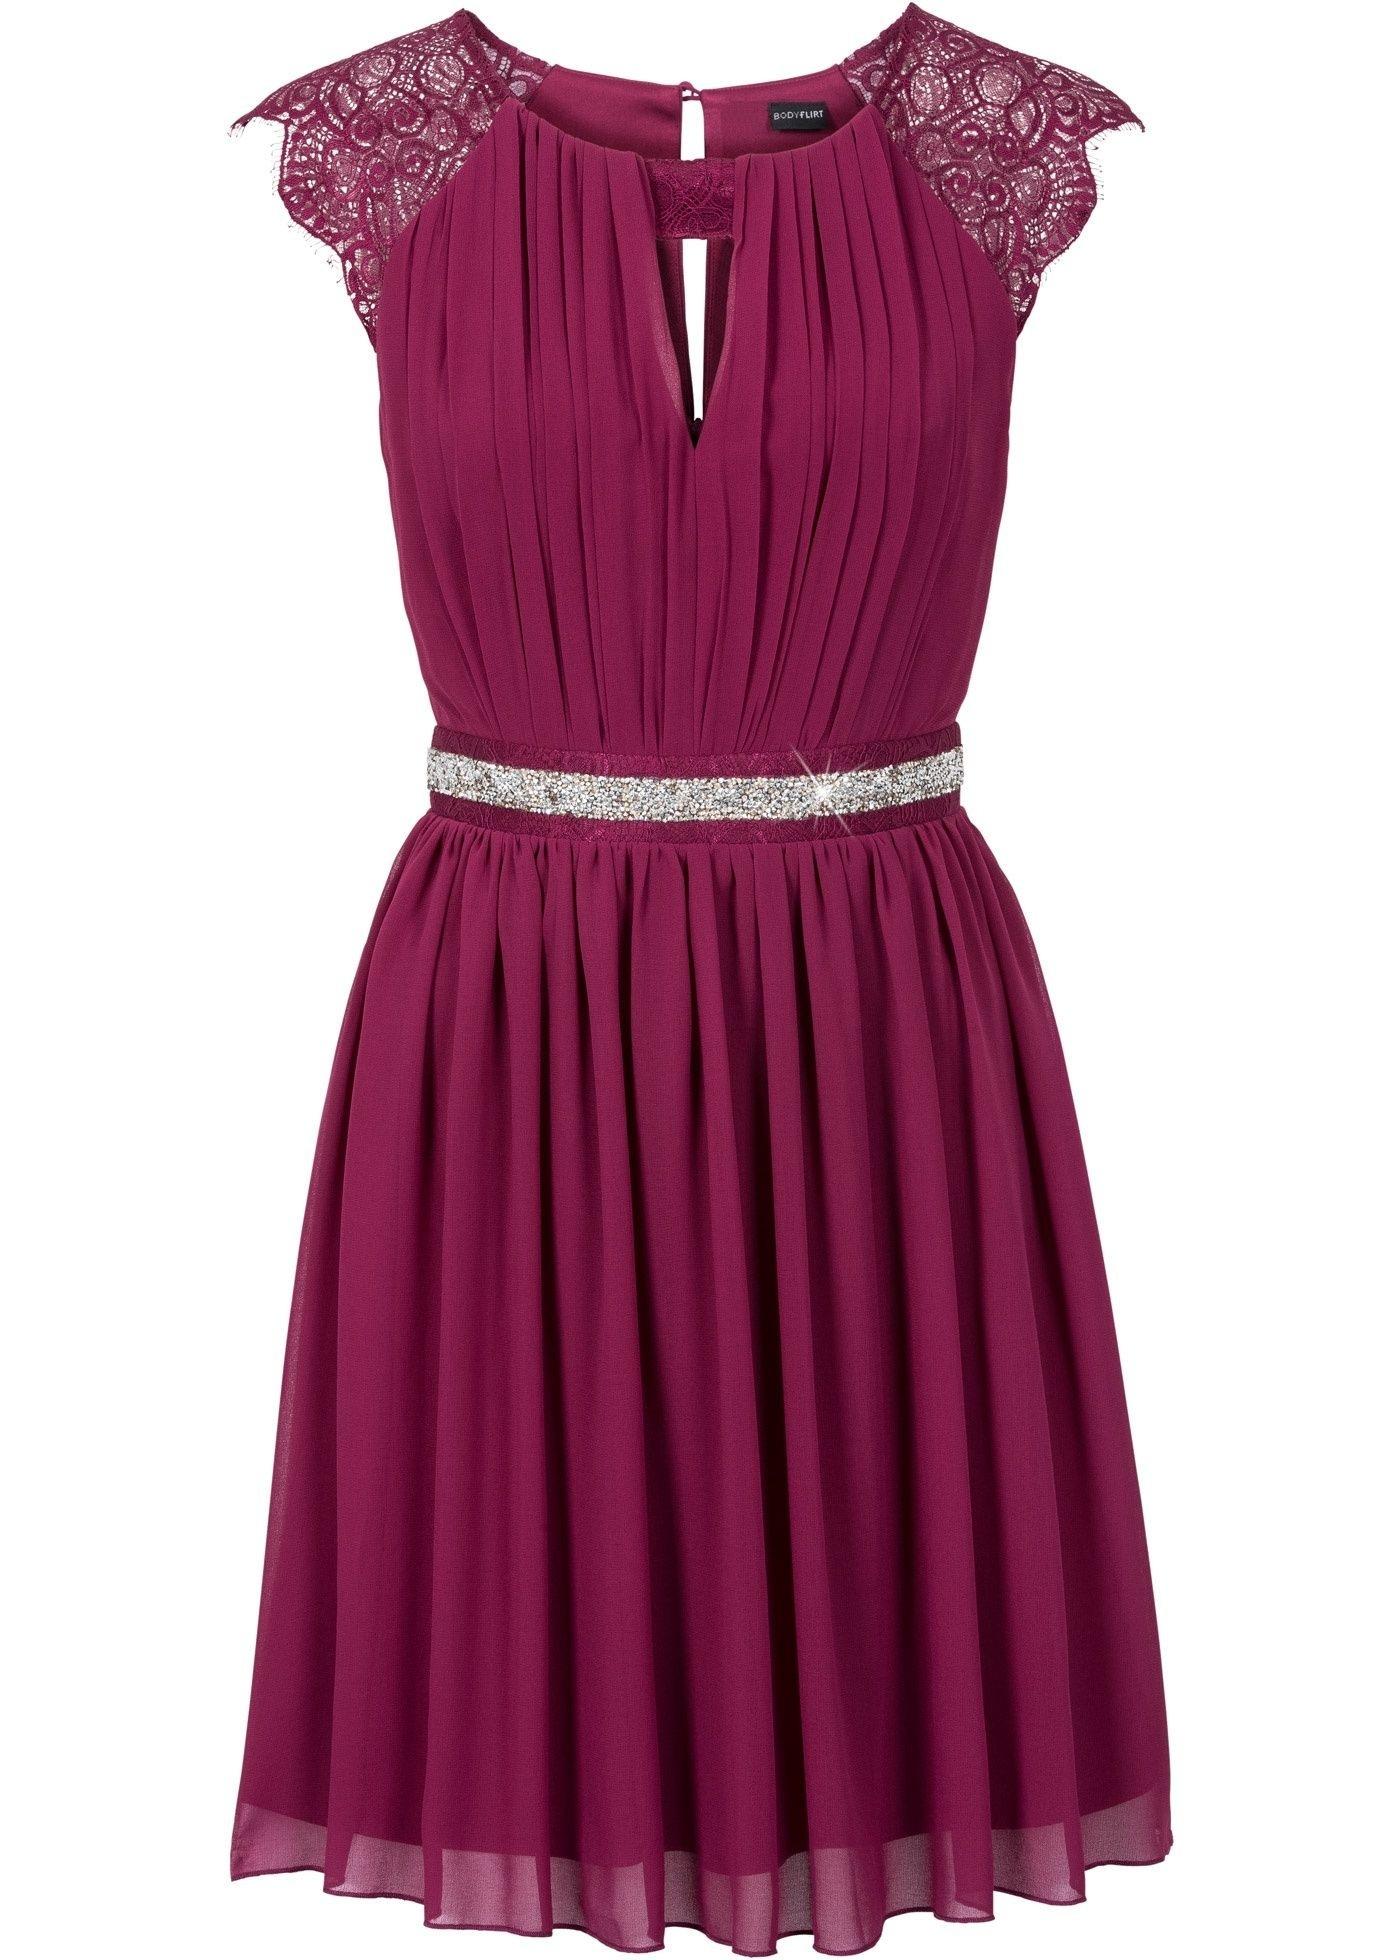 Designer Luxurius Kleider Bestellen BoutiqueFormal Ausgezeichnet Kleider Bestellen Ärmel